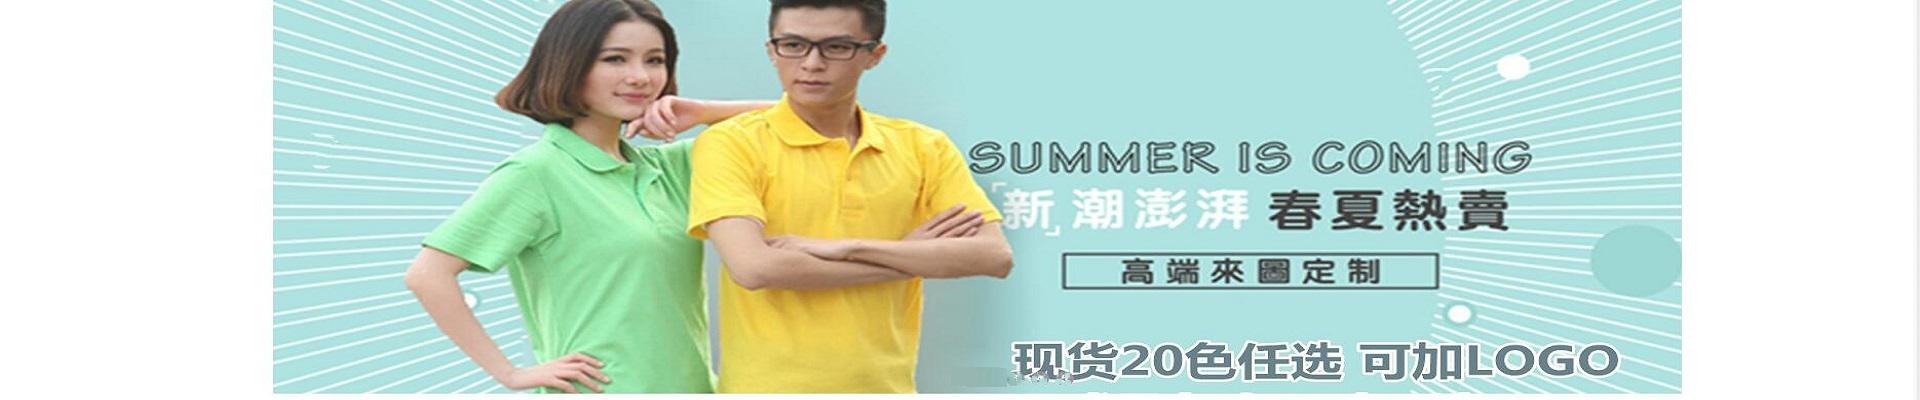 上海佰道溪实业有限公司